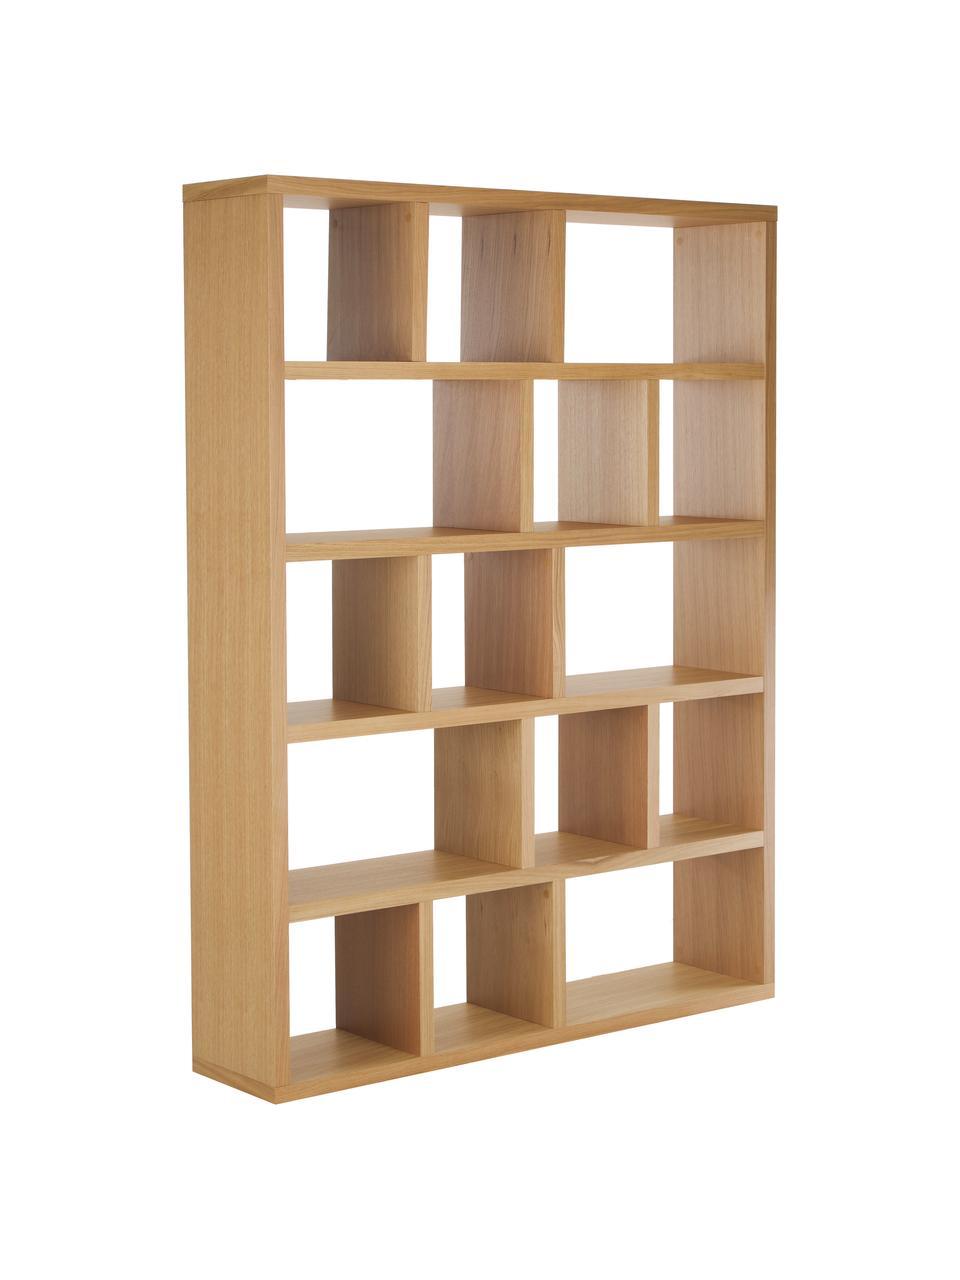 Duży regał na książki z z forniru z drewna dębowego Portlyn, Drewno dębowe, S 150 x W 198 cm